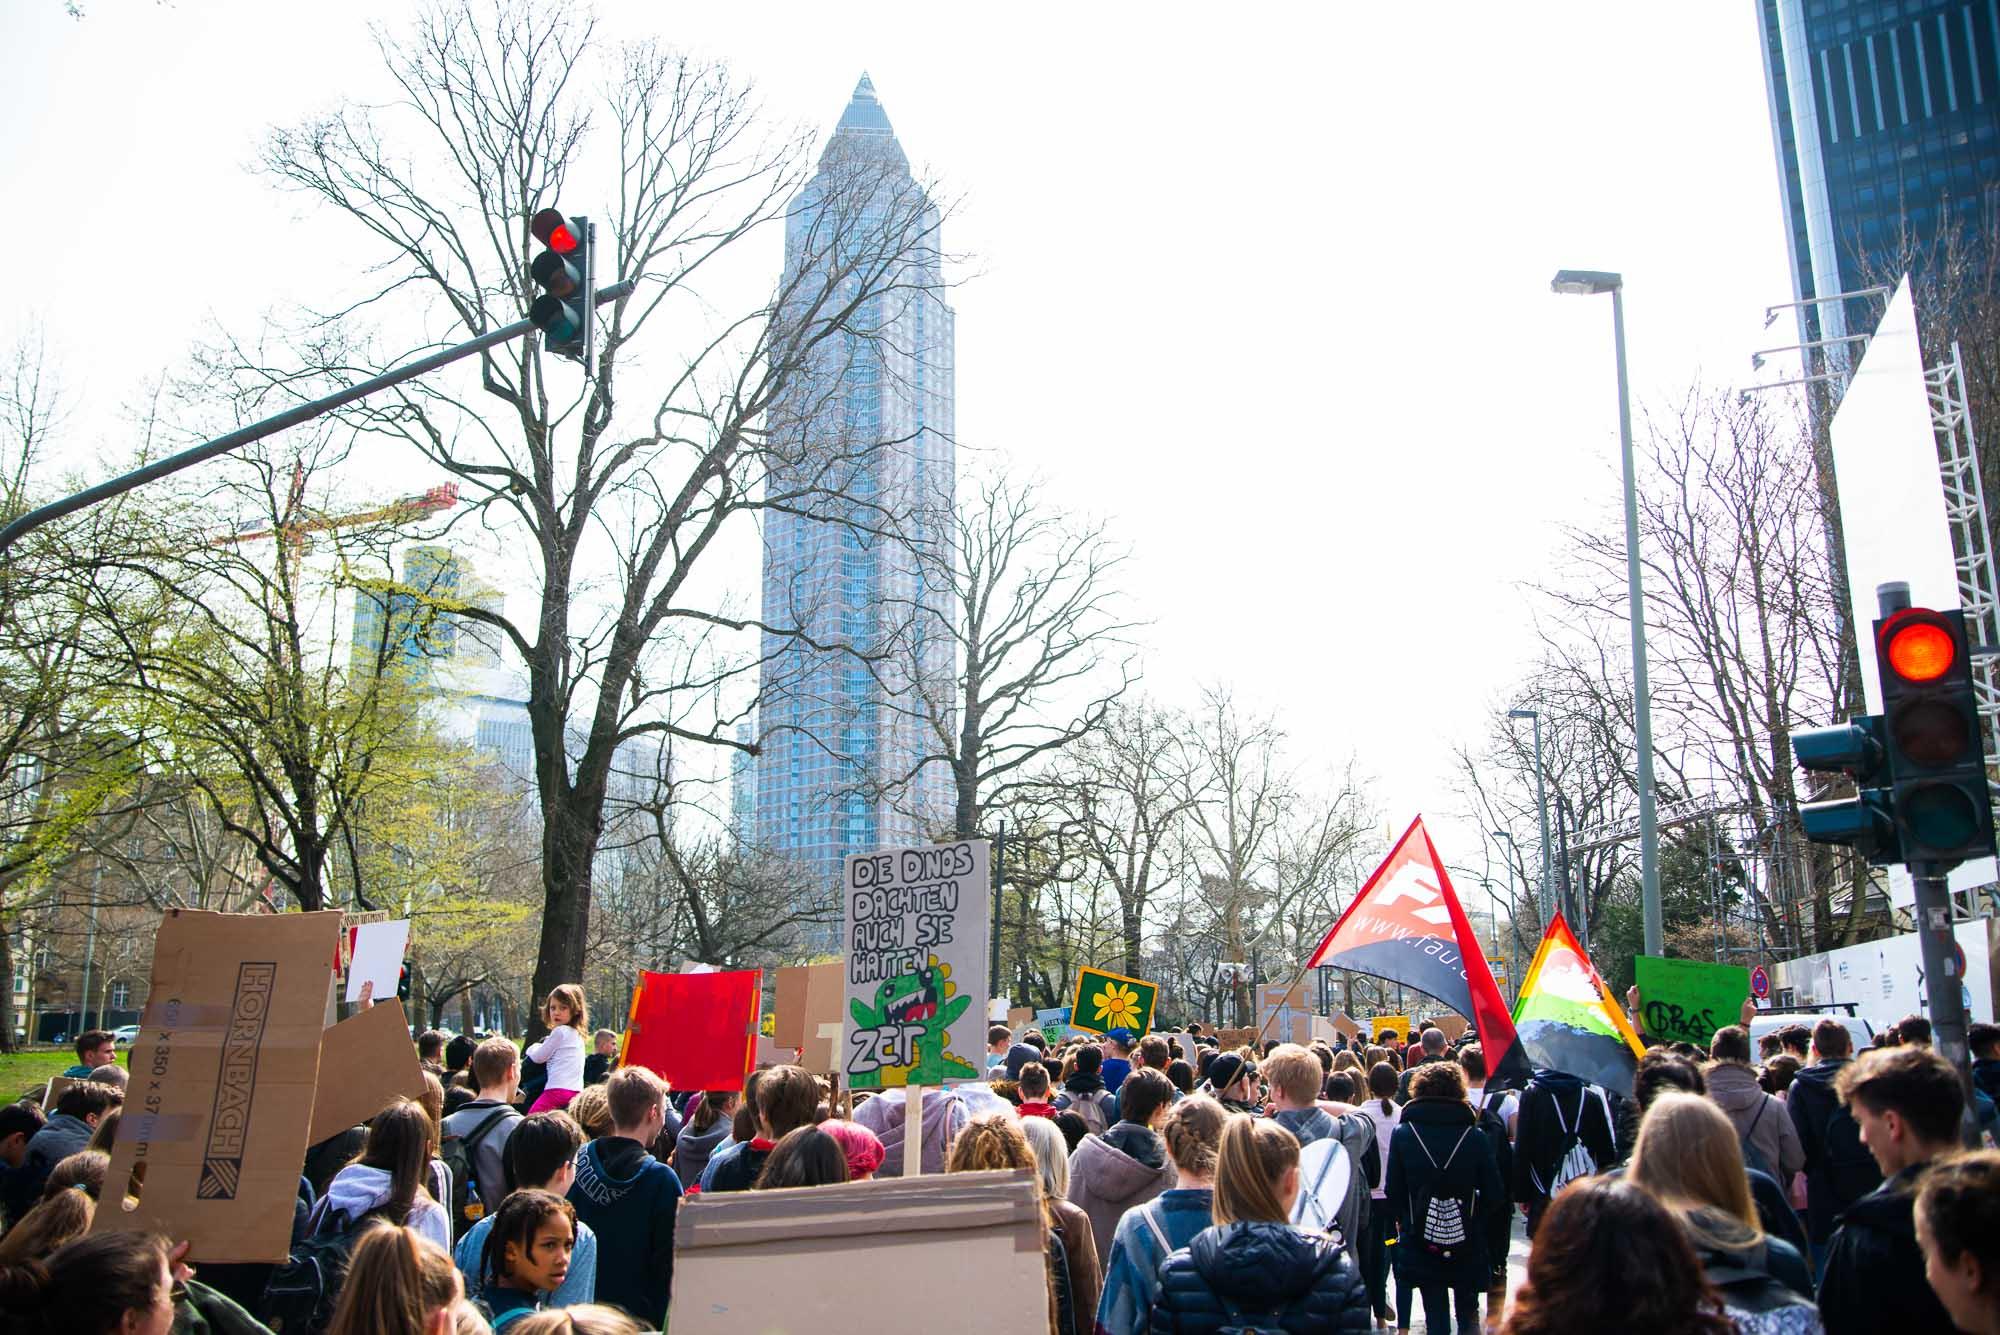 Das Foto von fritzphilipp photography zeigt eine Frankfurter fridays for future-Demonstration, im Hintergrund sieht man den Frankfurter Messeturm